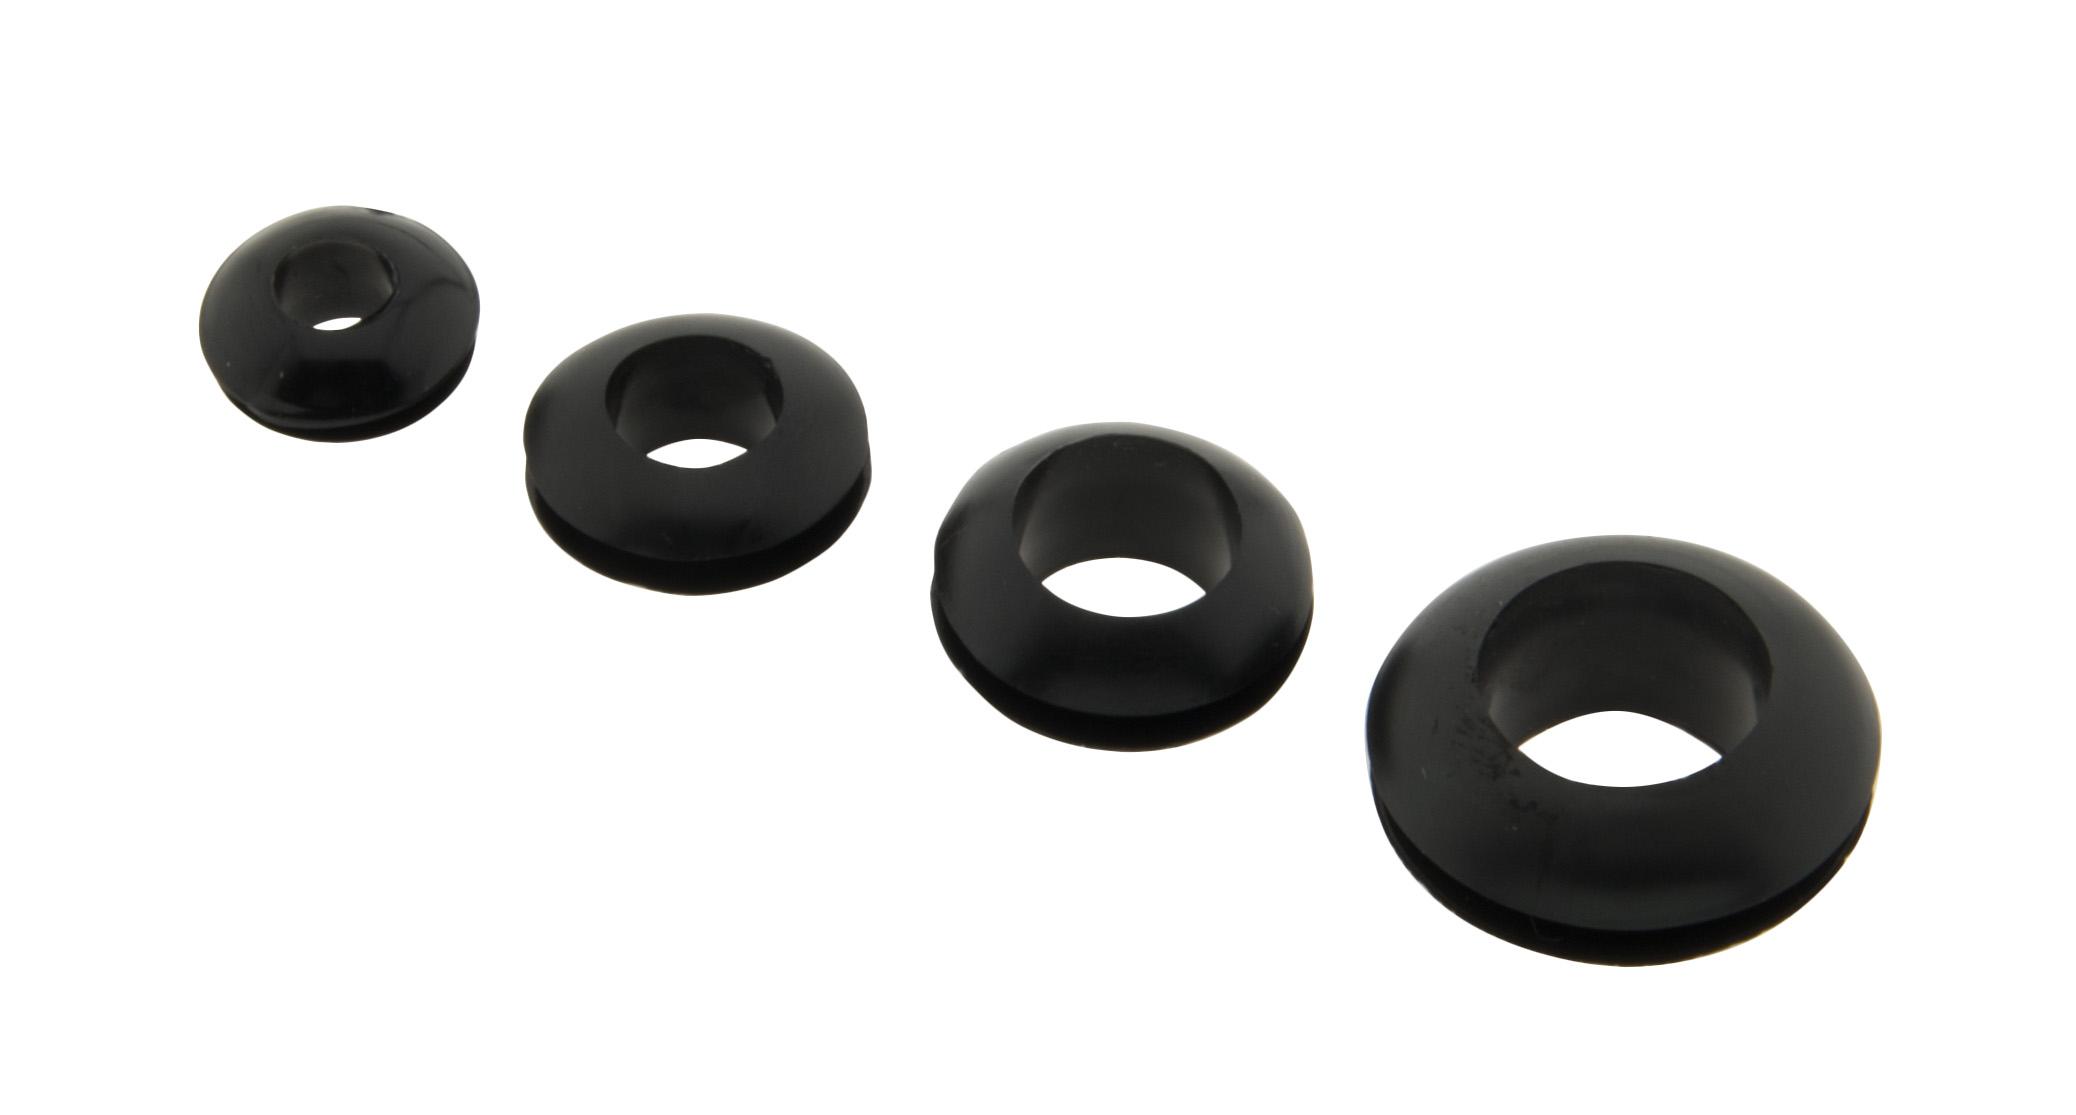 1 Stk Gummi Kabeldurchführung schwarz Montageloch 8mm Innen 6mm LIZU021008